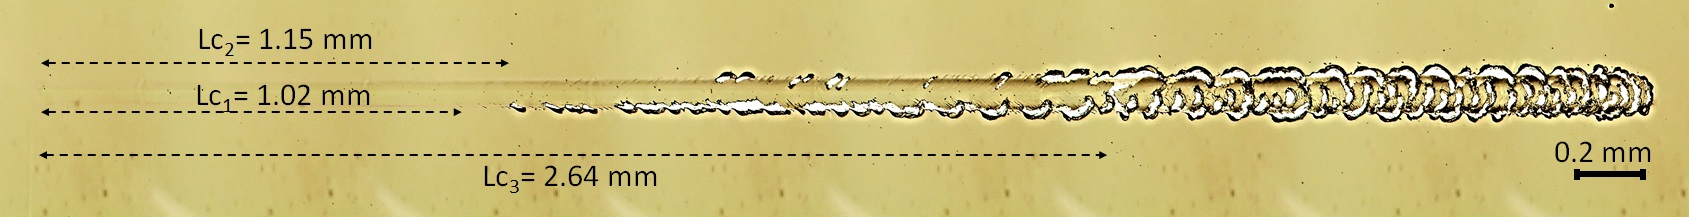 Figure 4-Mar-26-2021-06-51-49-67-PM